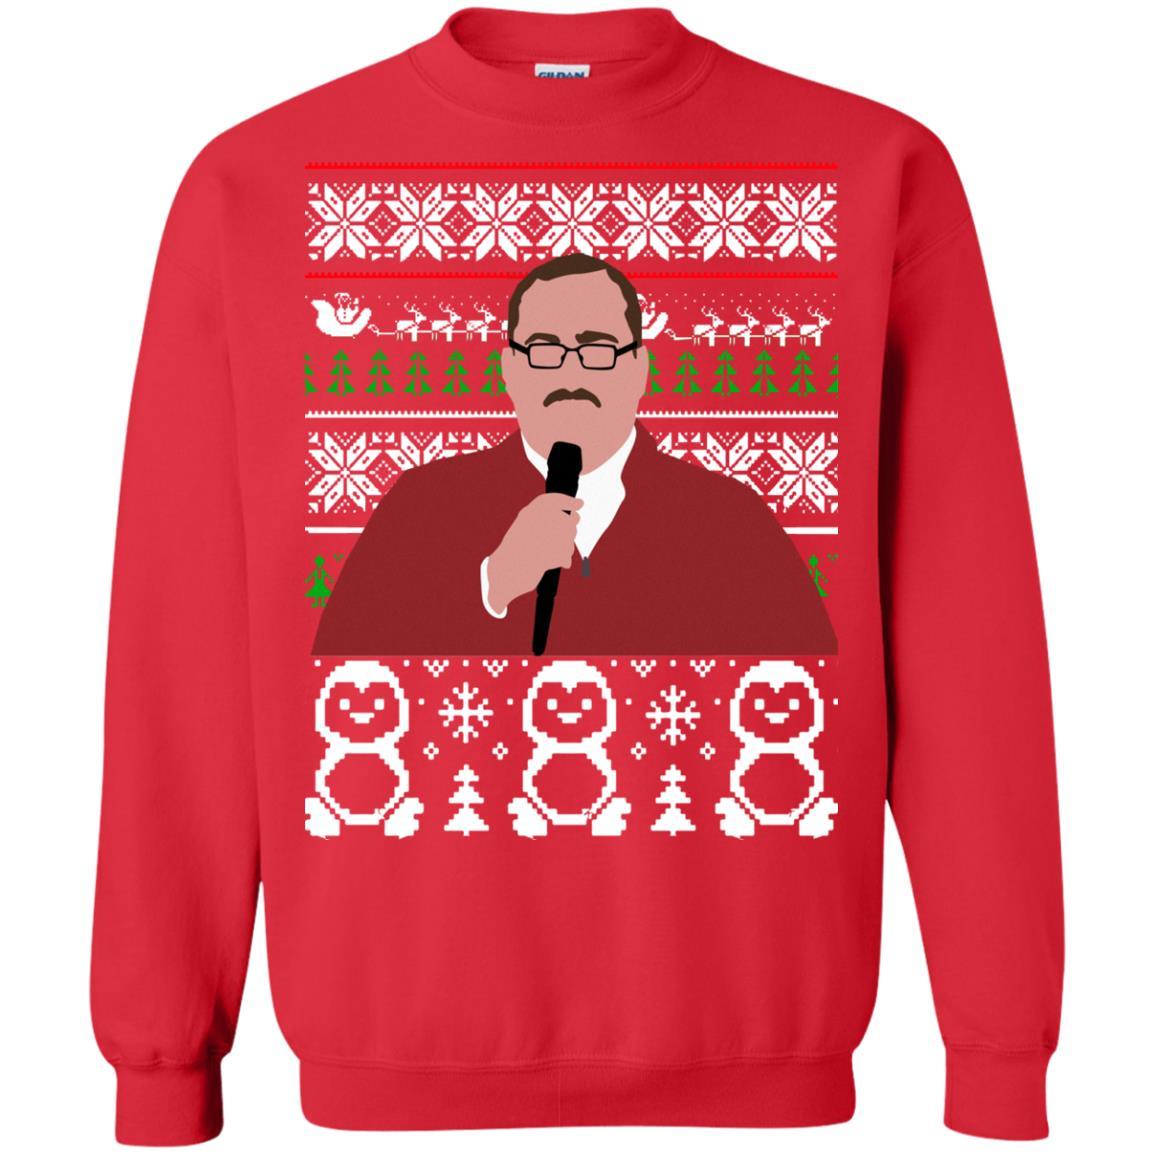 image 1887 - The Ken Bone Christmas Sweater, Hoodie